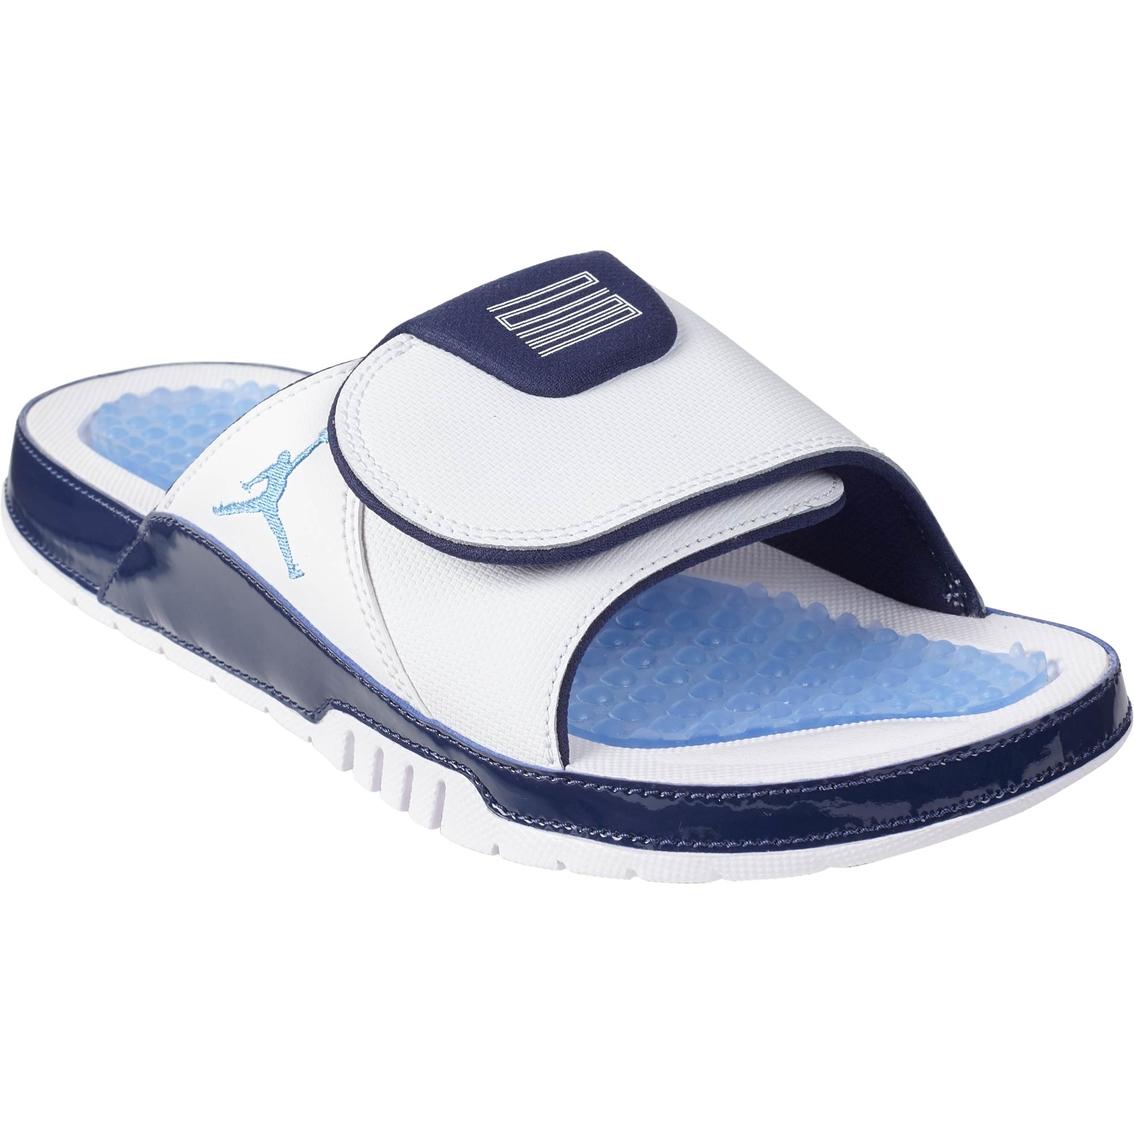 buy popular a6e9d ddb7e Jordan Men's Hydro Xi Retro Slides | Sandals & Flip Flops ...